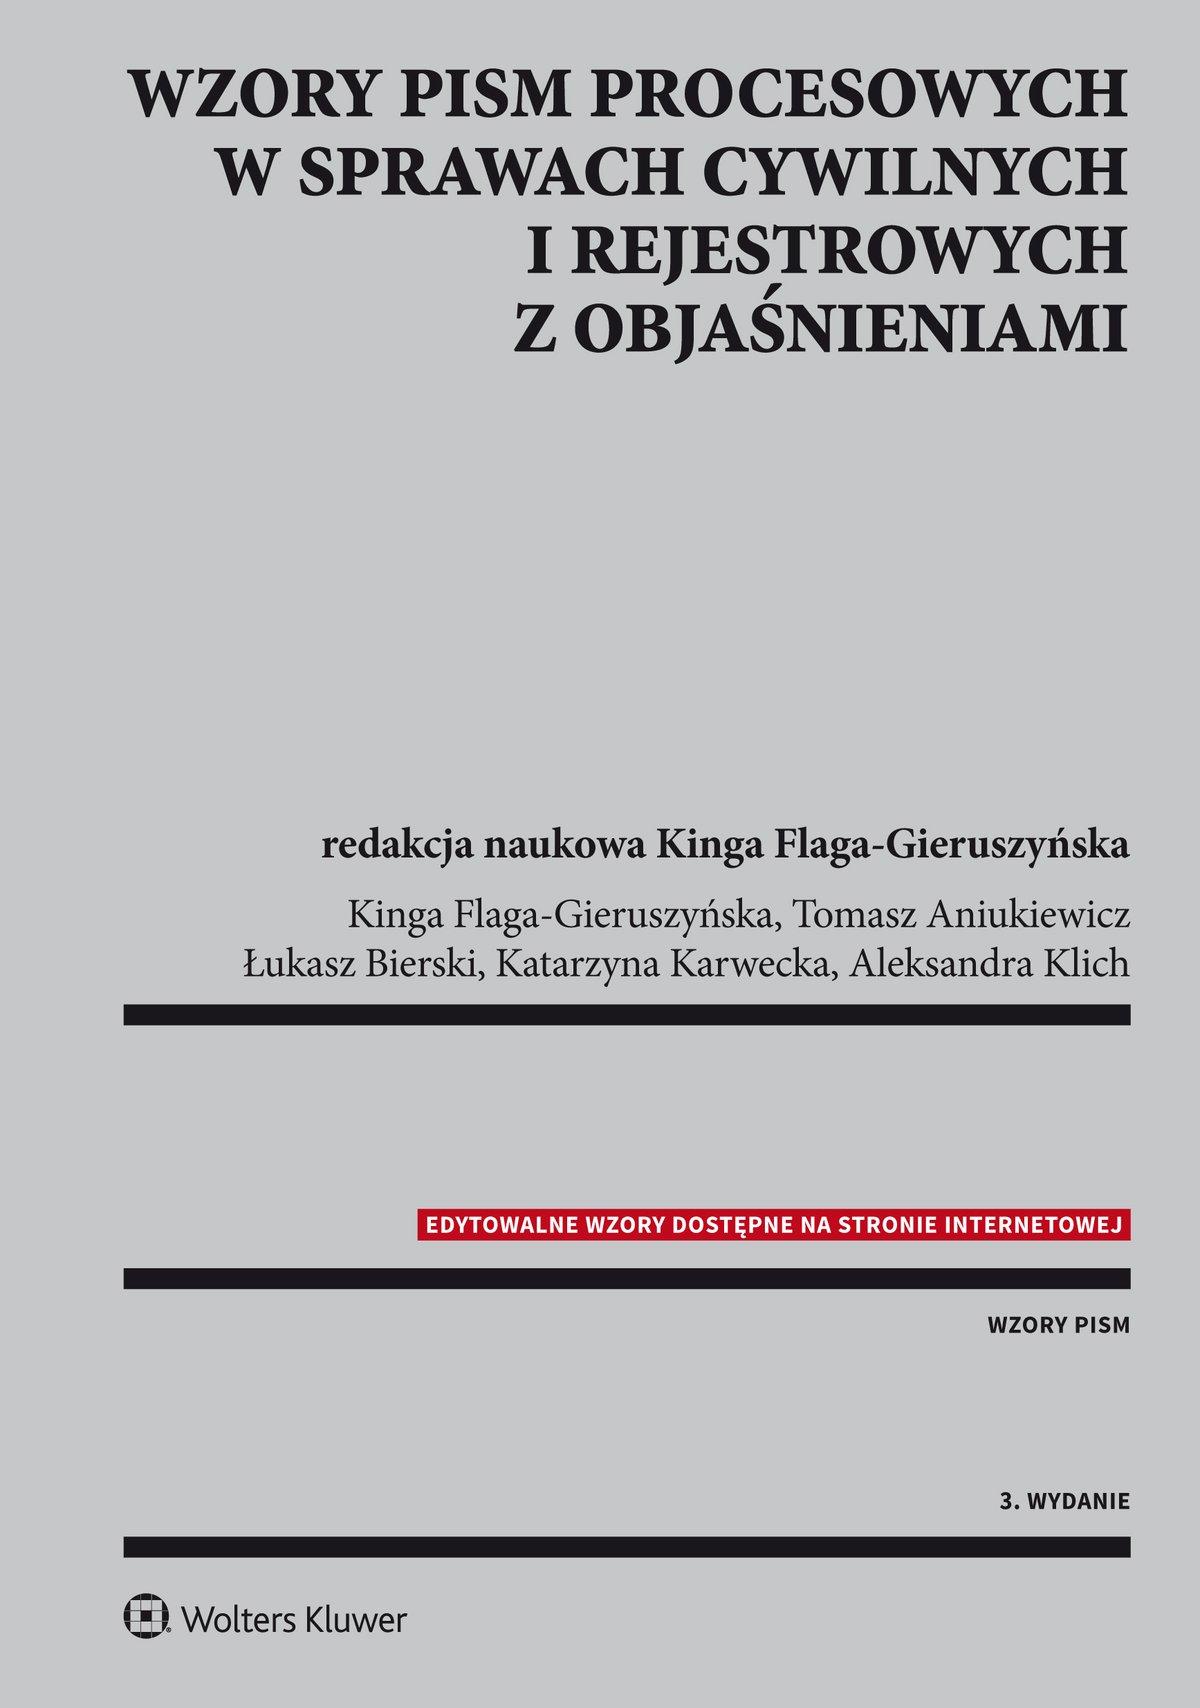 Wzory pism procesowych w sprawach cywilnych i rejestrowych z objaśnieniami - Ebook (Książka EPUB) do pobrania w formacie EPUB